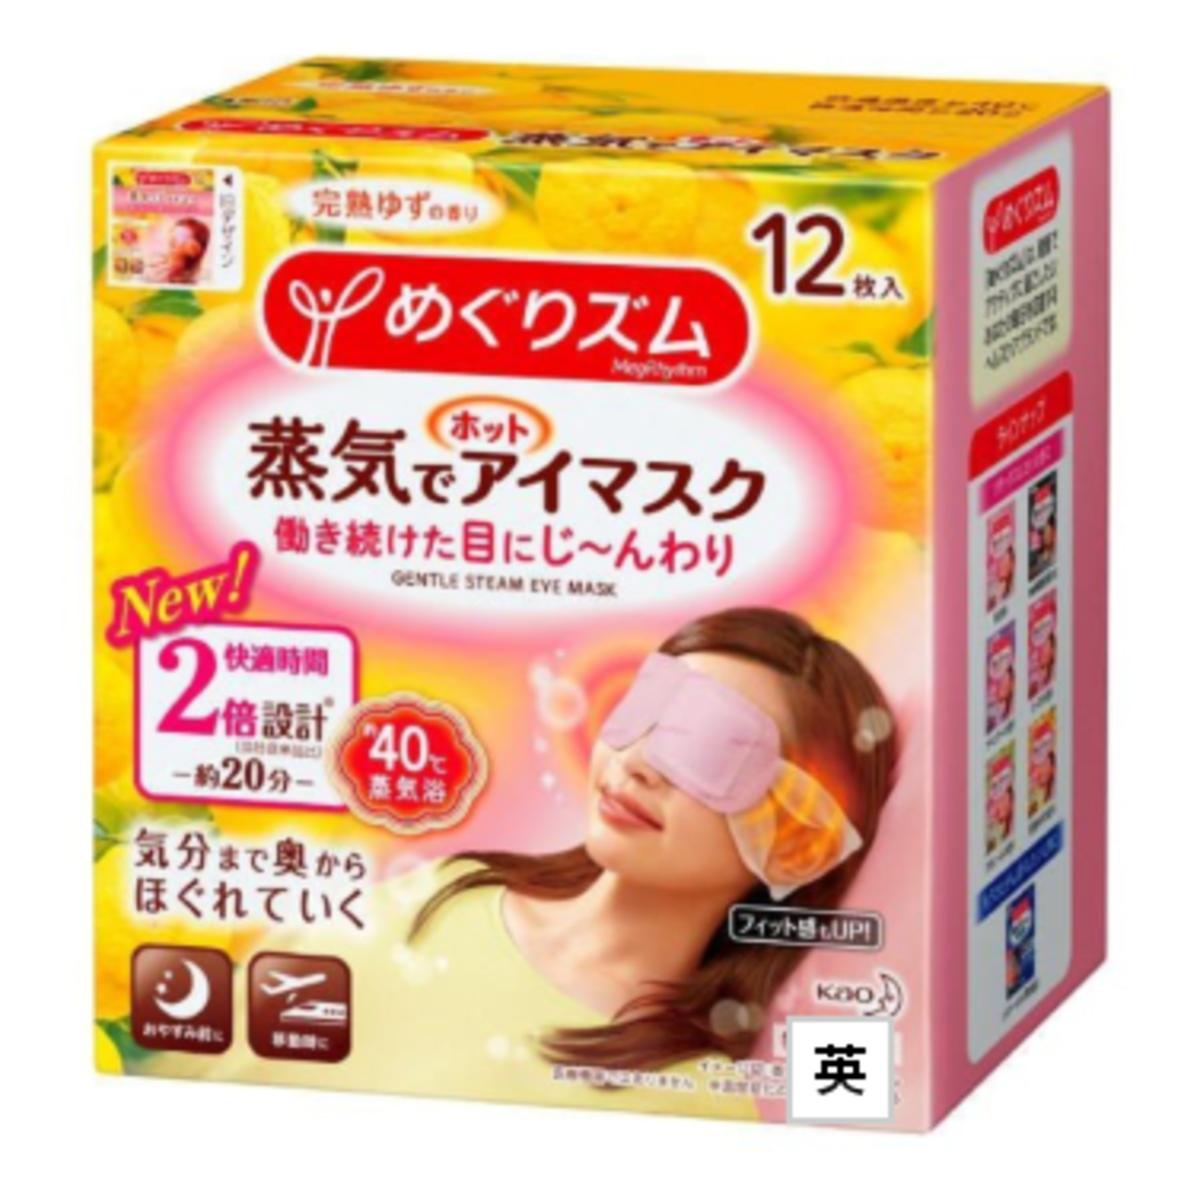 蒸氣感溫熱眼罩 (12片裝) - 柚子香氣 [2018 新版本]